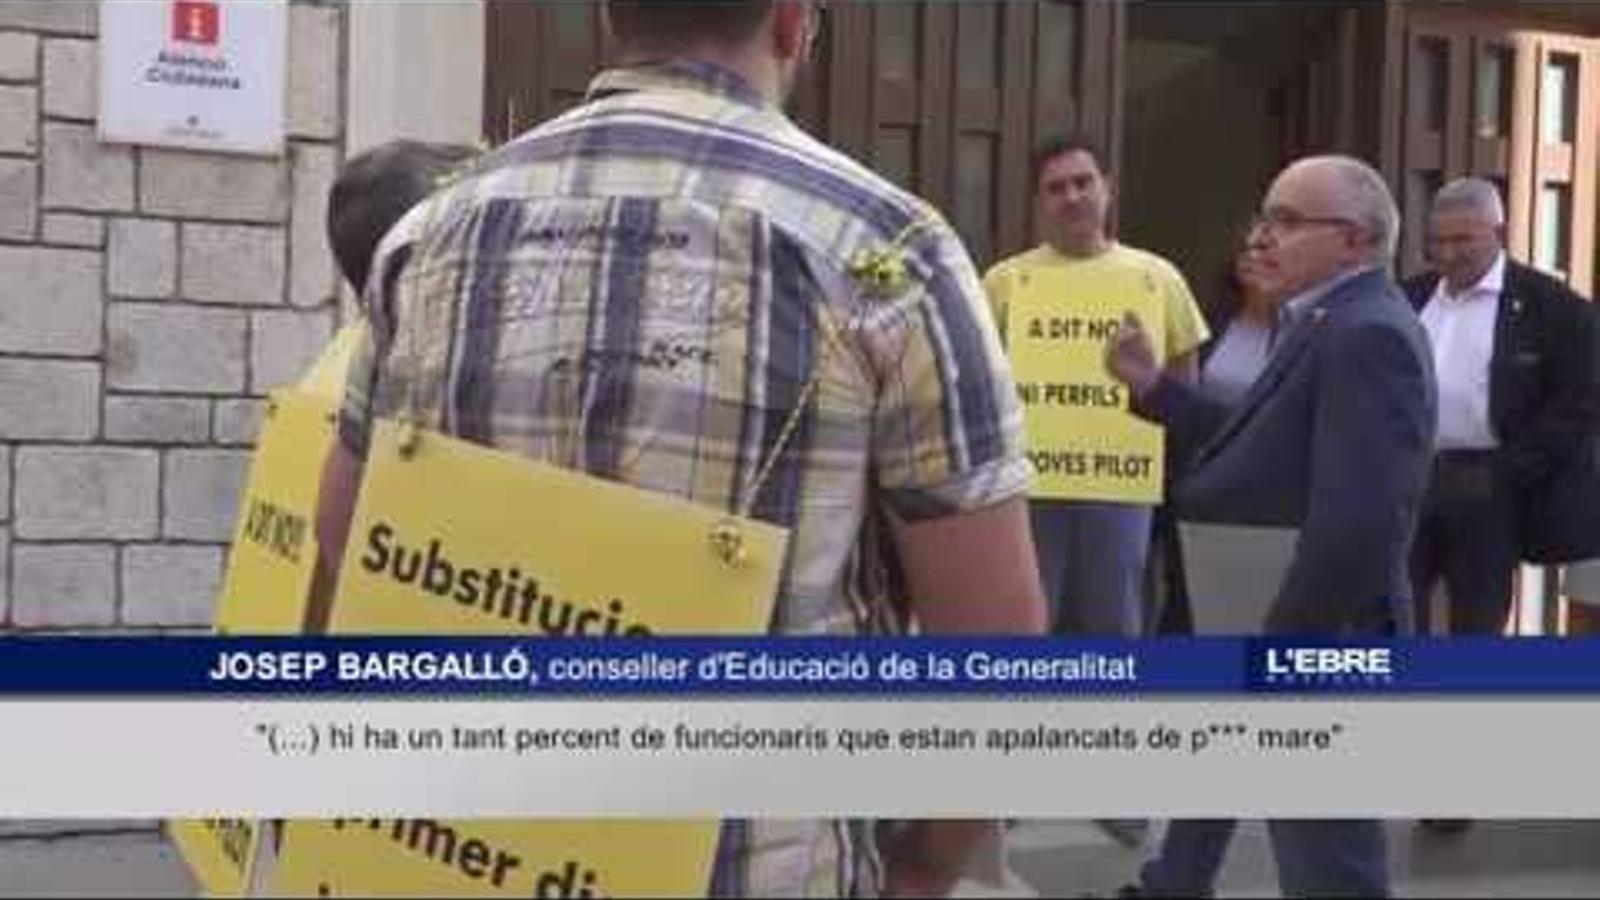 """Bargalló, a un grup de sindicalistes: """"Hi ha un tant per cent de funcionaris apalancats de puta mare"""""""